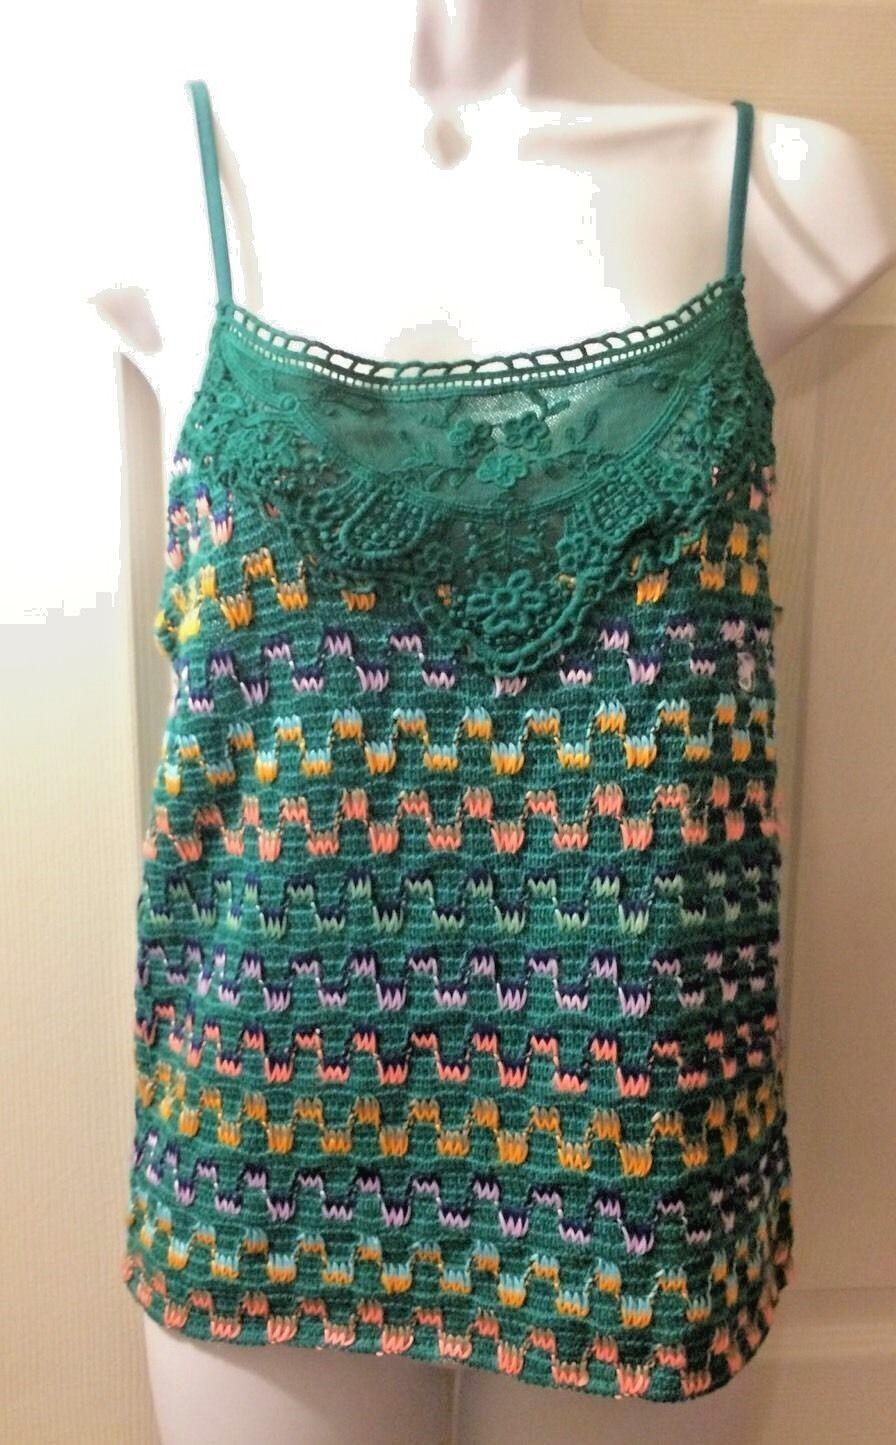 New Women's FREE PEOPLE Tank Top Heartbeat Rochelle Jade Crochet Knit Shirt Sz M